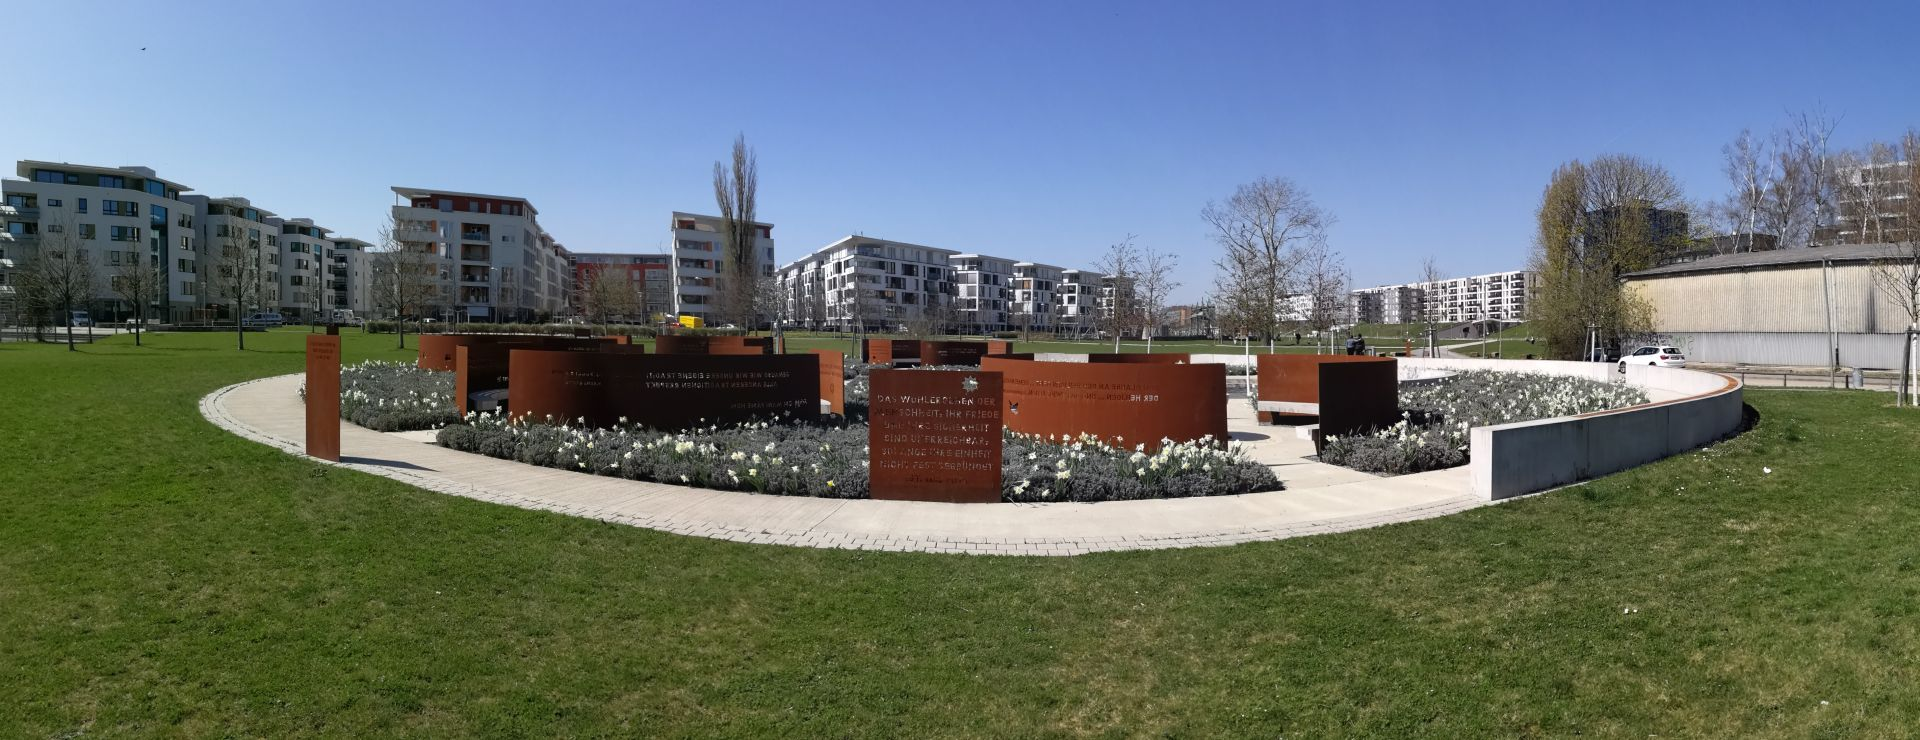 Karlsruhe Blog Franokde